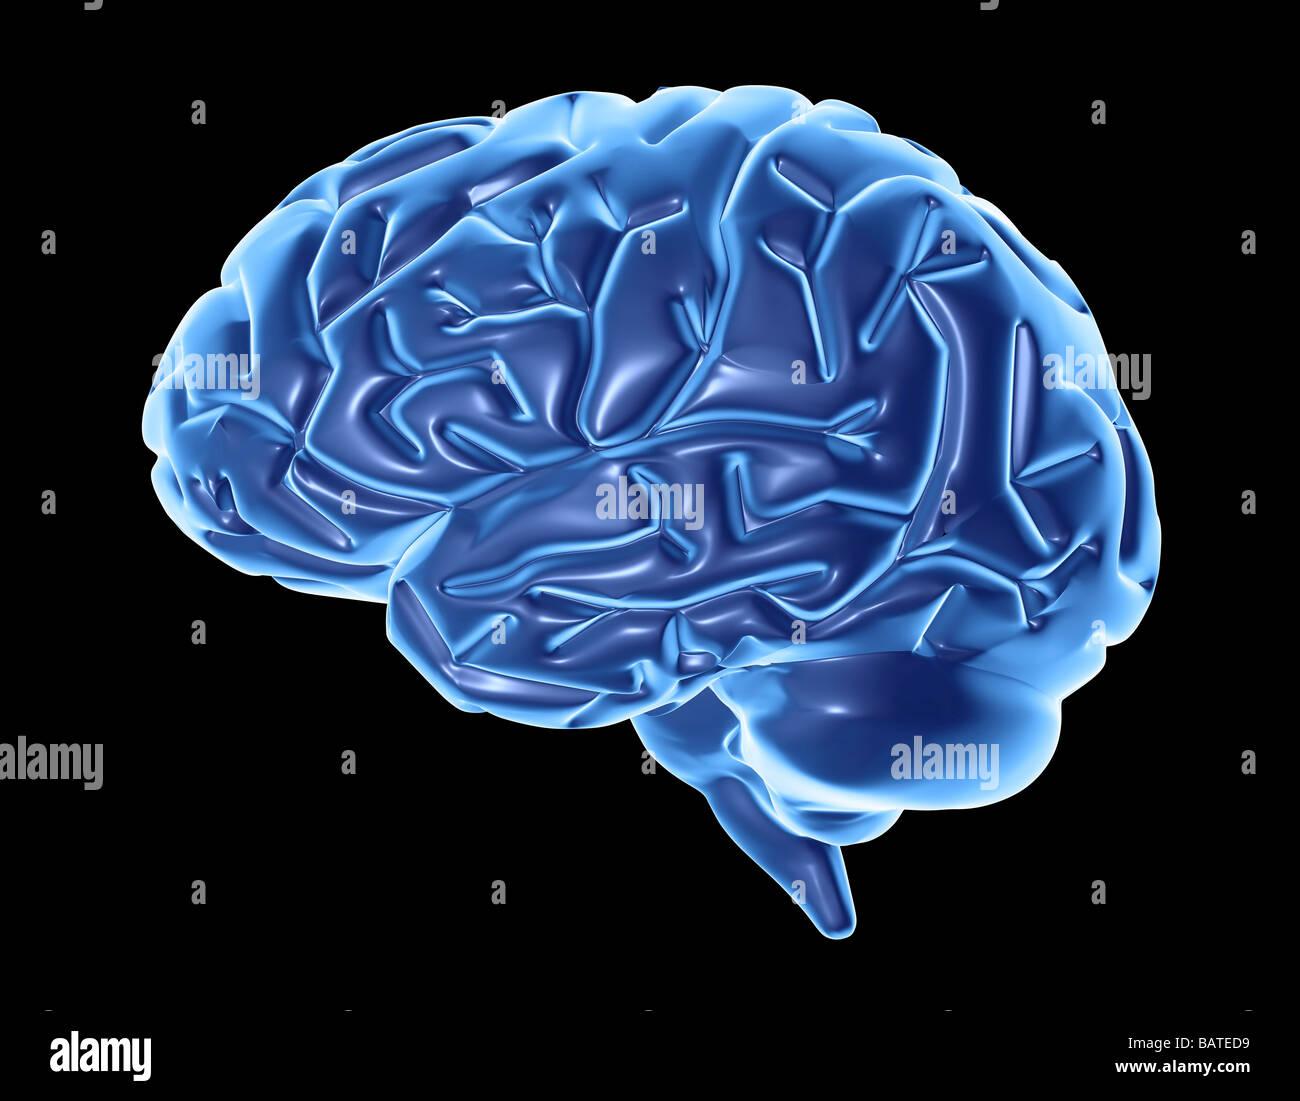 Menschliche Gehirn, Computer-Grafik. Die Vorderseite des Gehirns ist ...